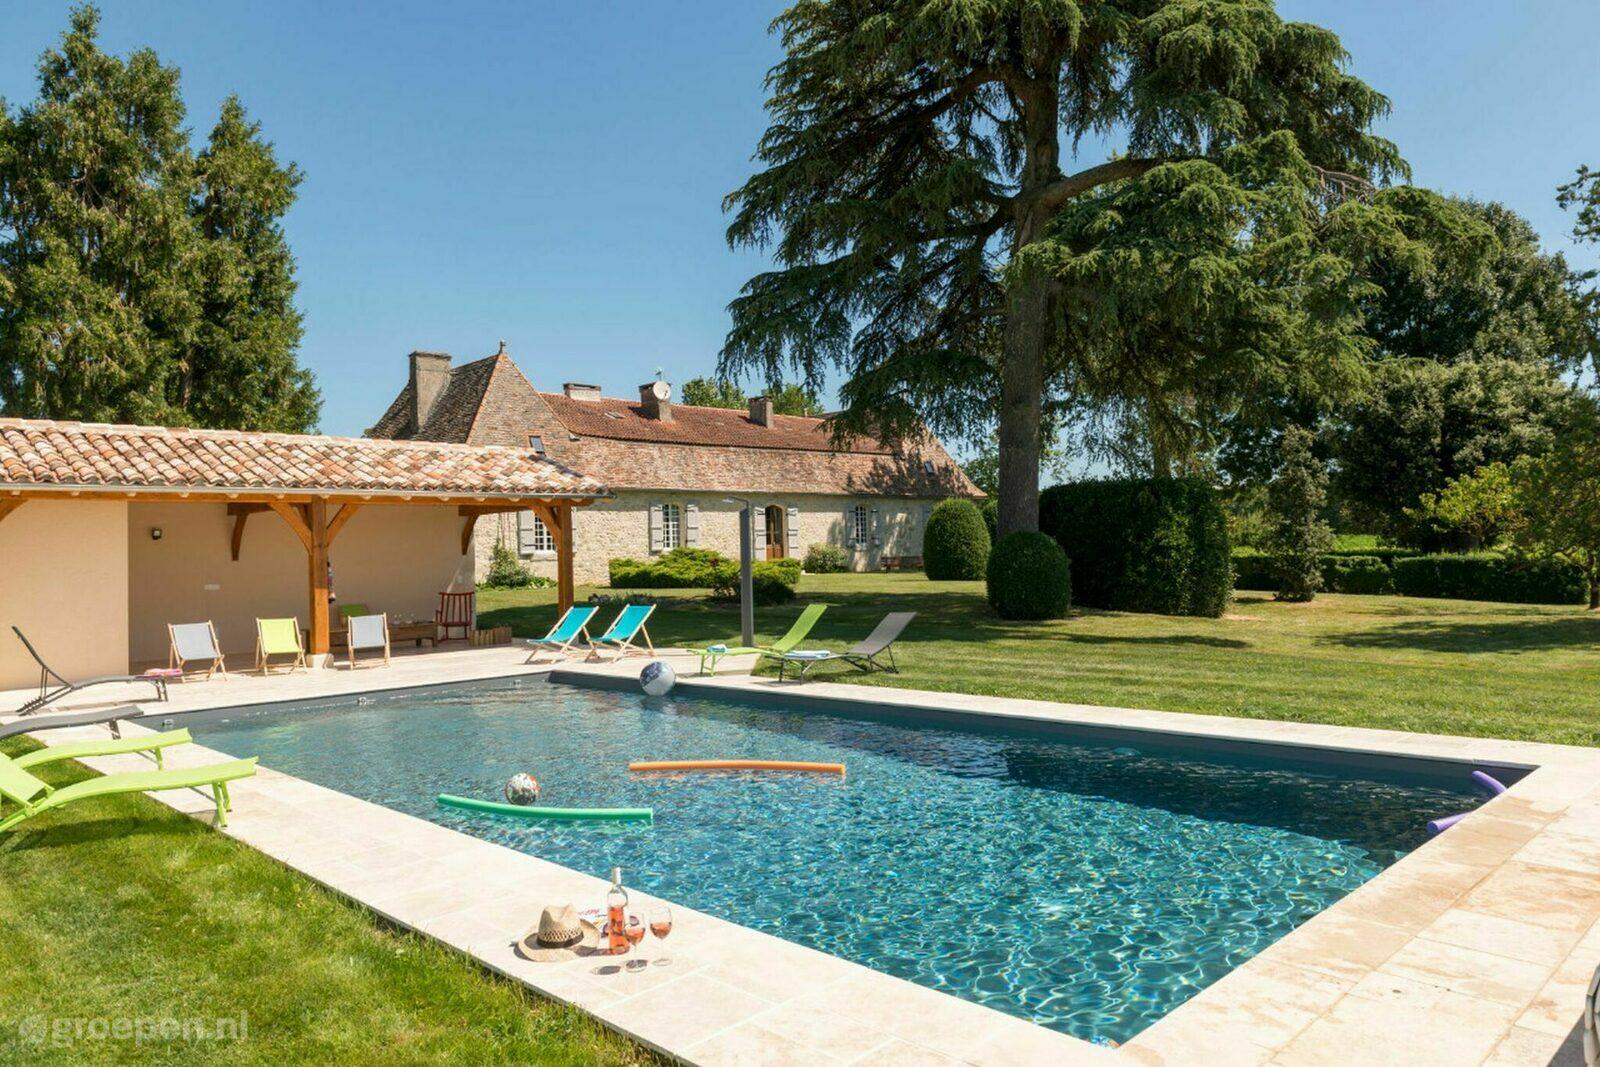 nouvelle-aquitaine-lot-et-garonne-vakantiehuis-bousquetou